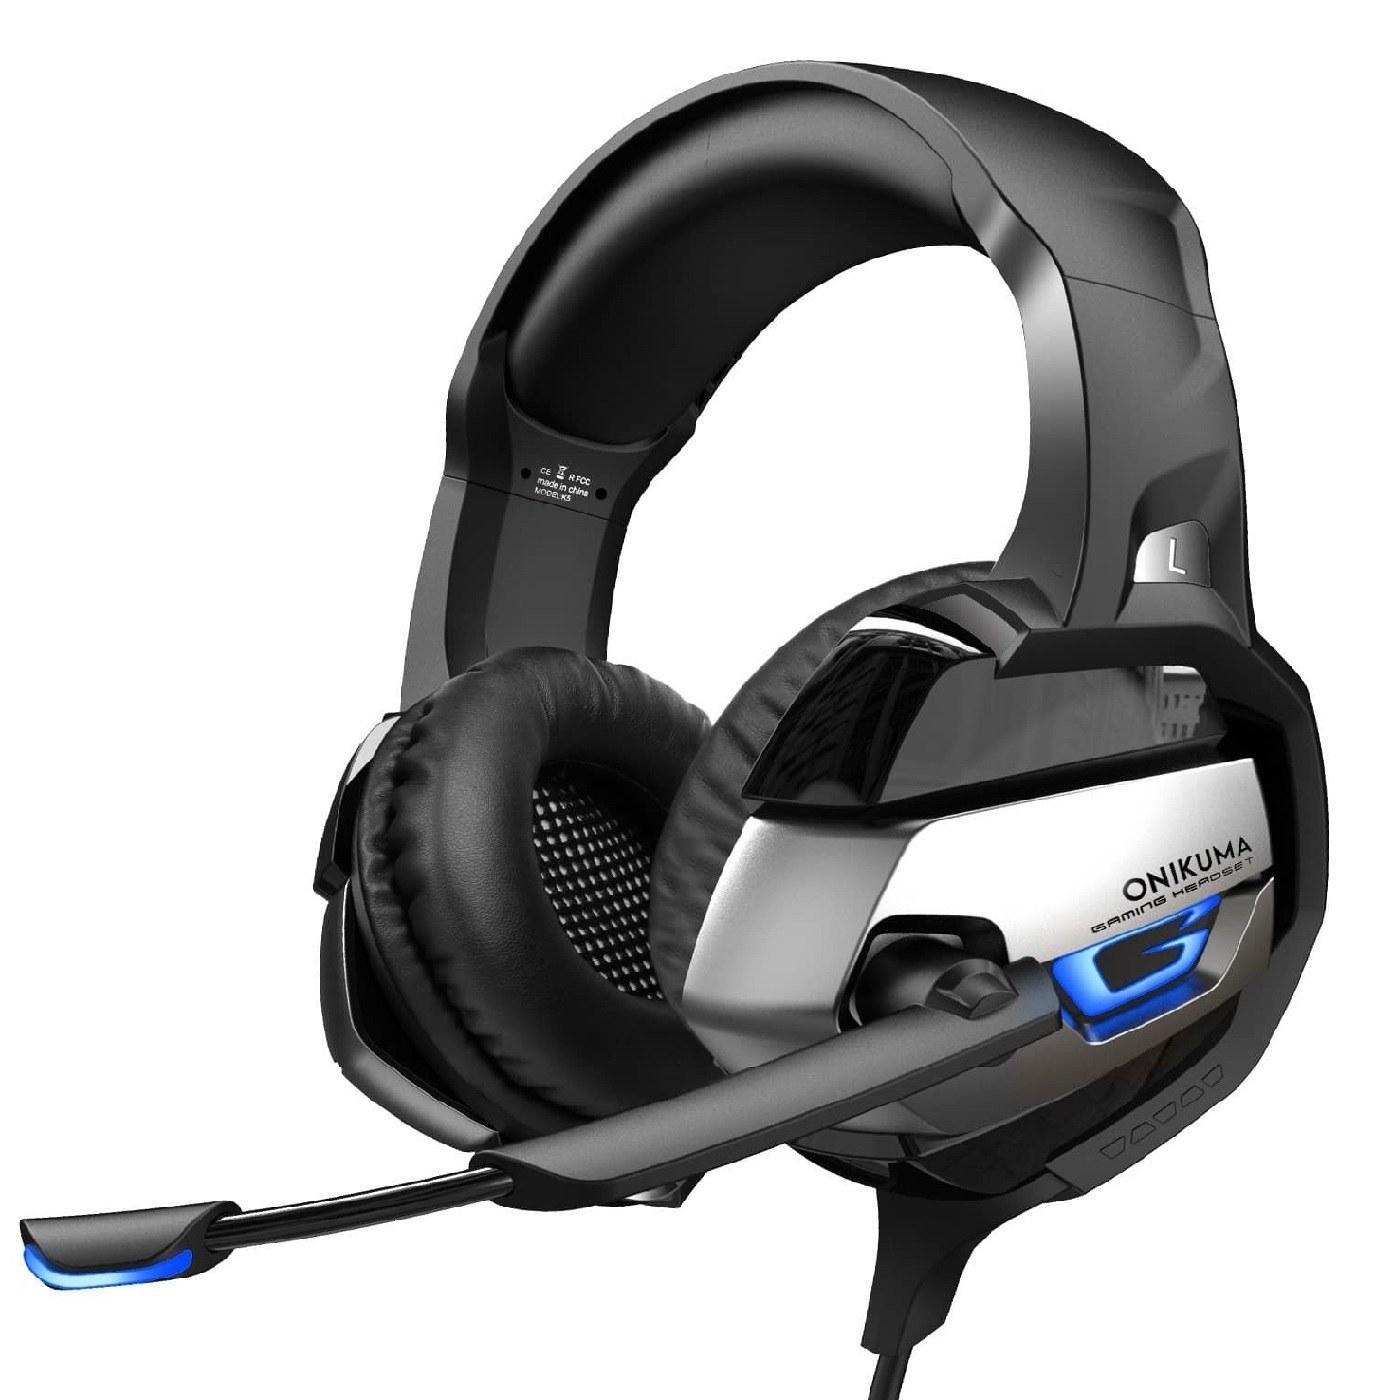 تصویر هدست مخصوص بازی اونیکوما مدل k5 ا Onikuma K5 Gamming Headset Onikuma K5 Gamming Headset